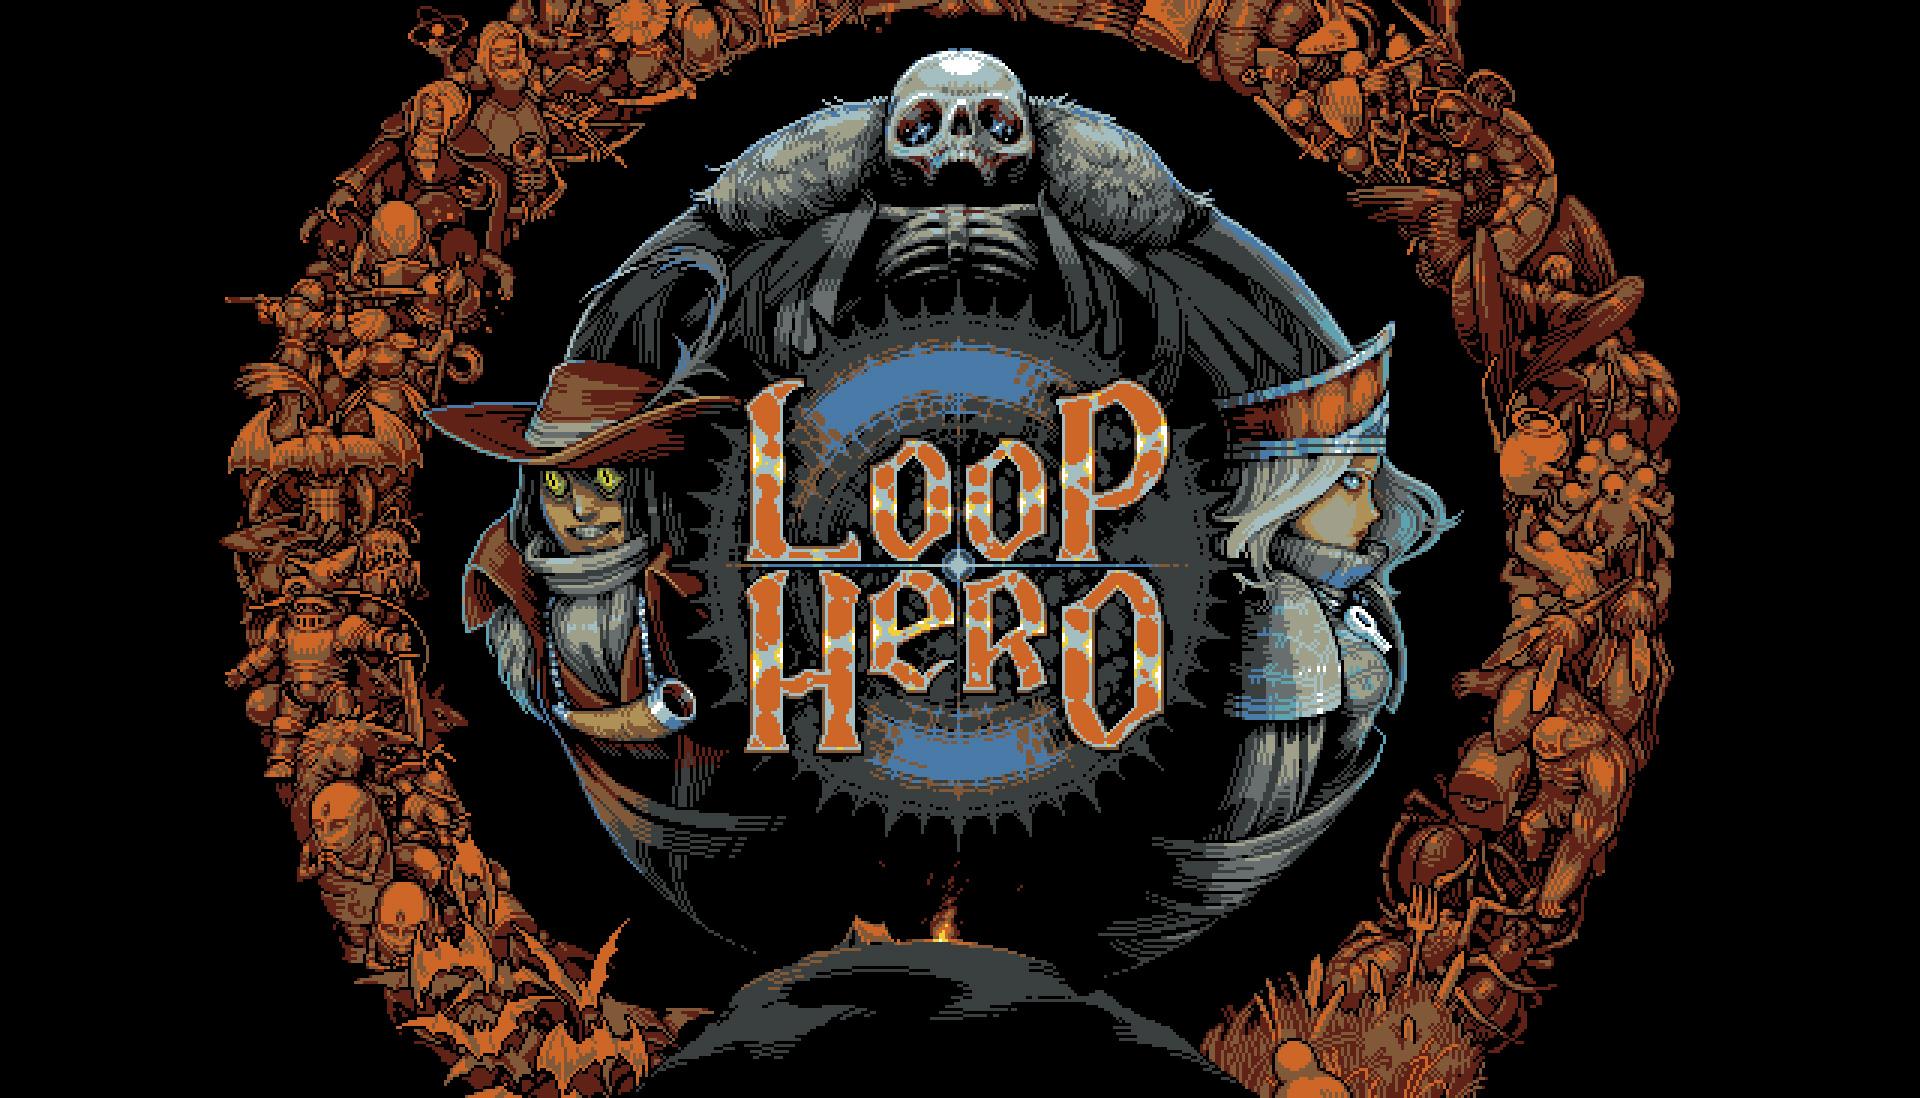 Loop Hero's best trait is its lore screenshot